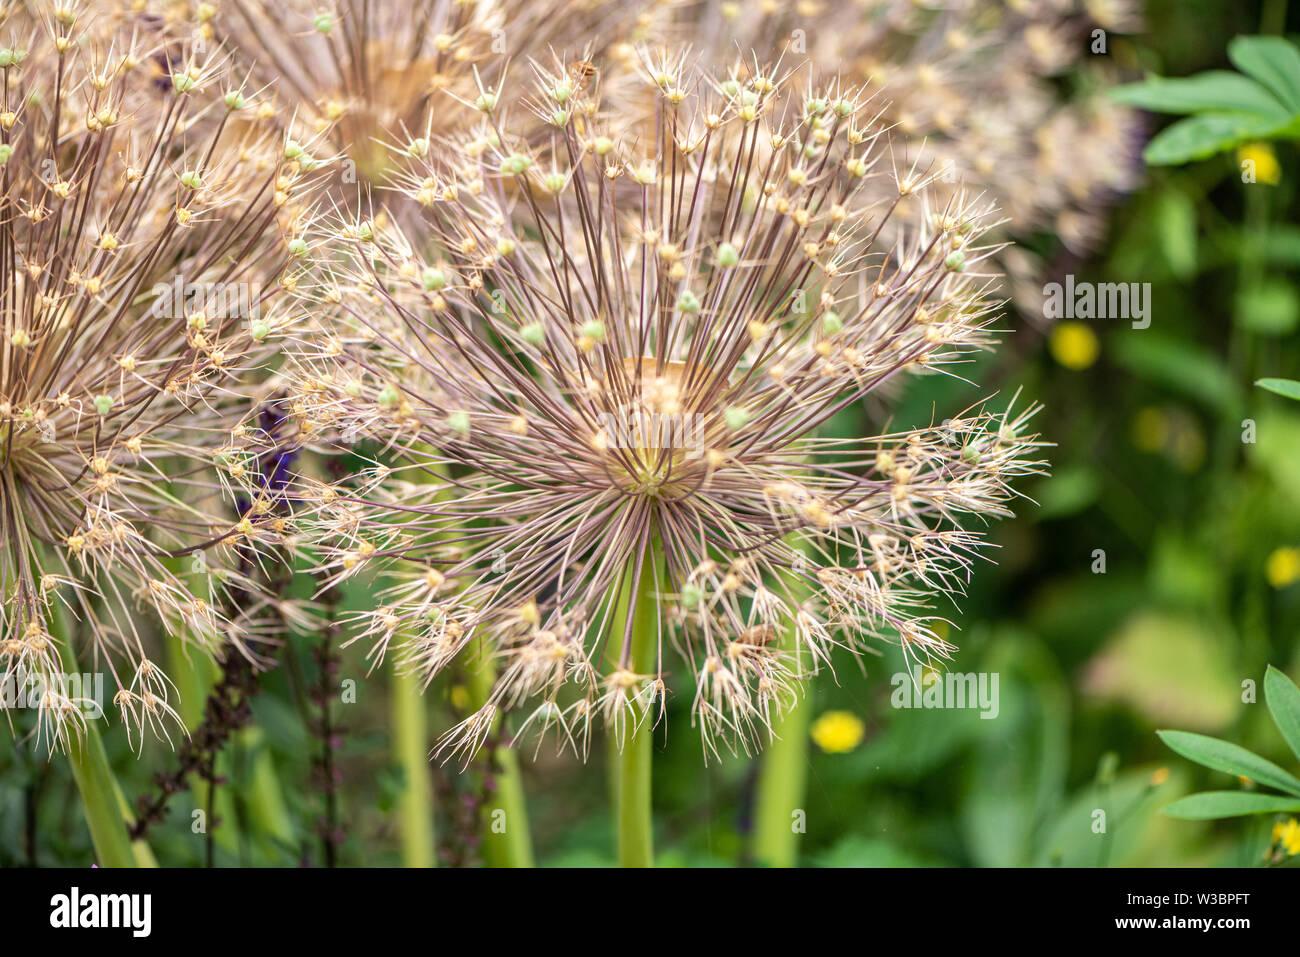 Allium christophii seed heads in garden in Burbage, Wiltshire, UK - Stock Image